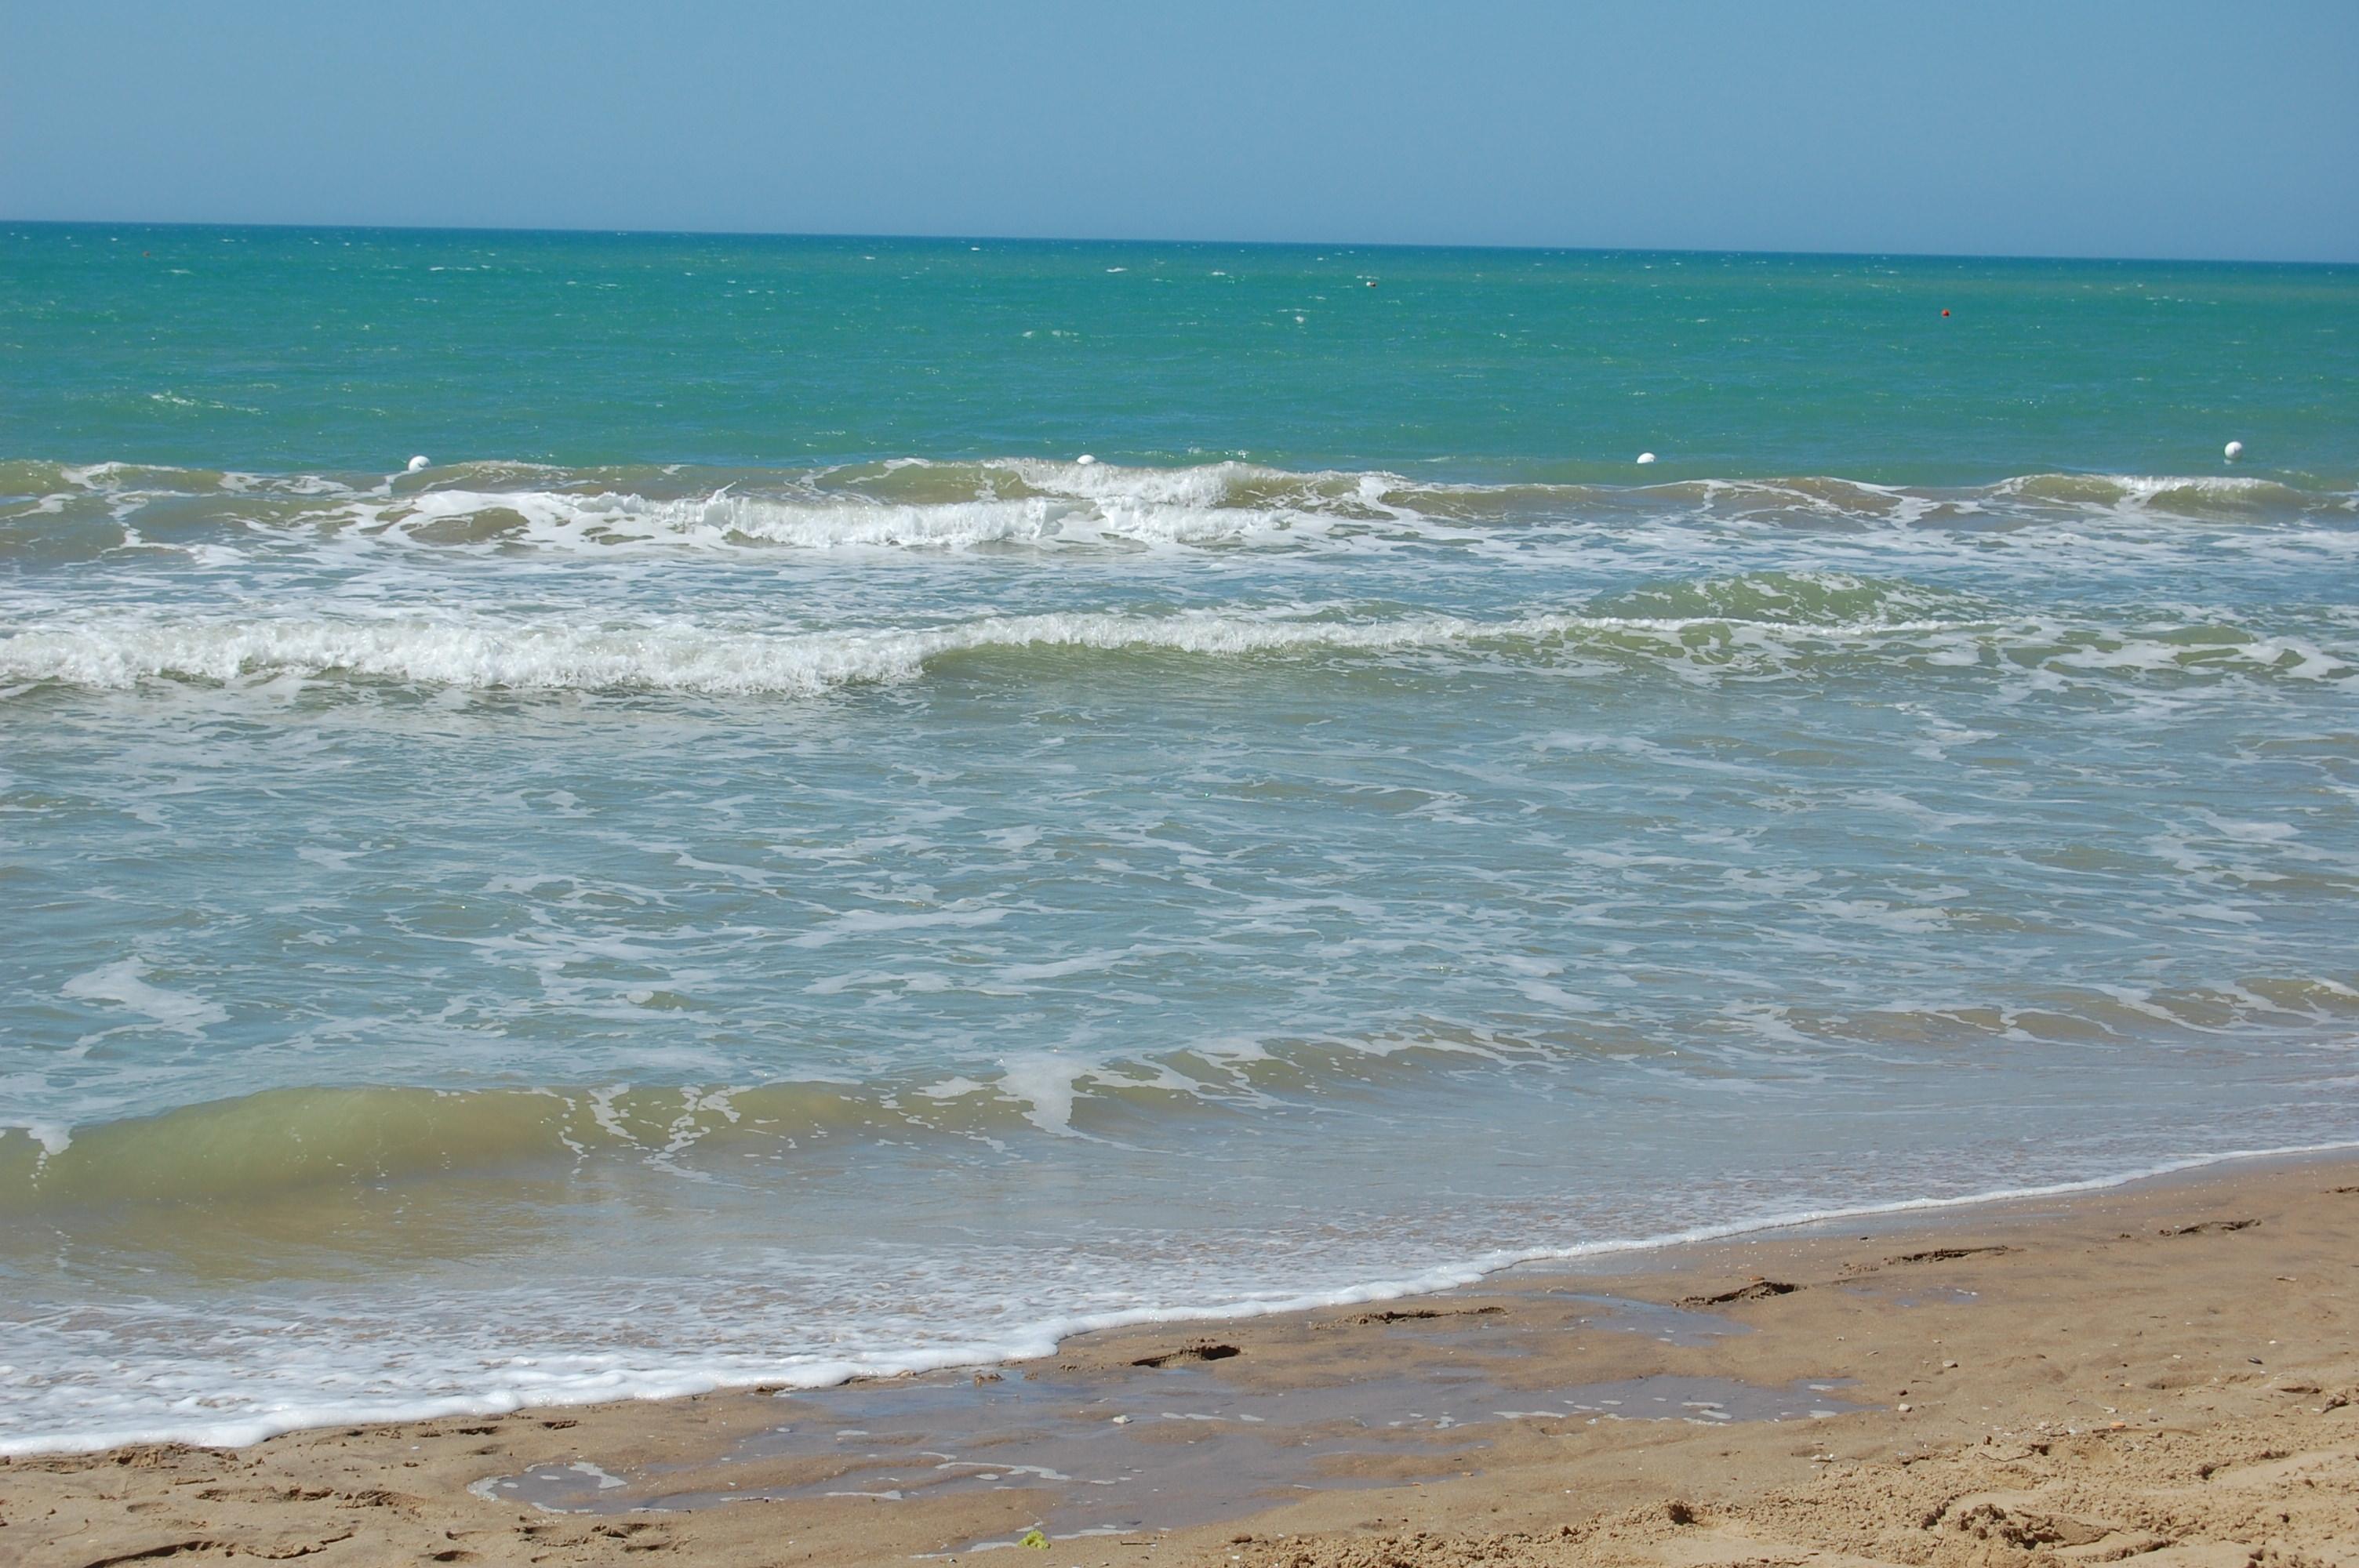 Tragedia in mare, malore improvviso: morto Gaspare durante immersione